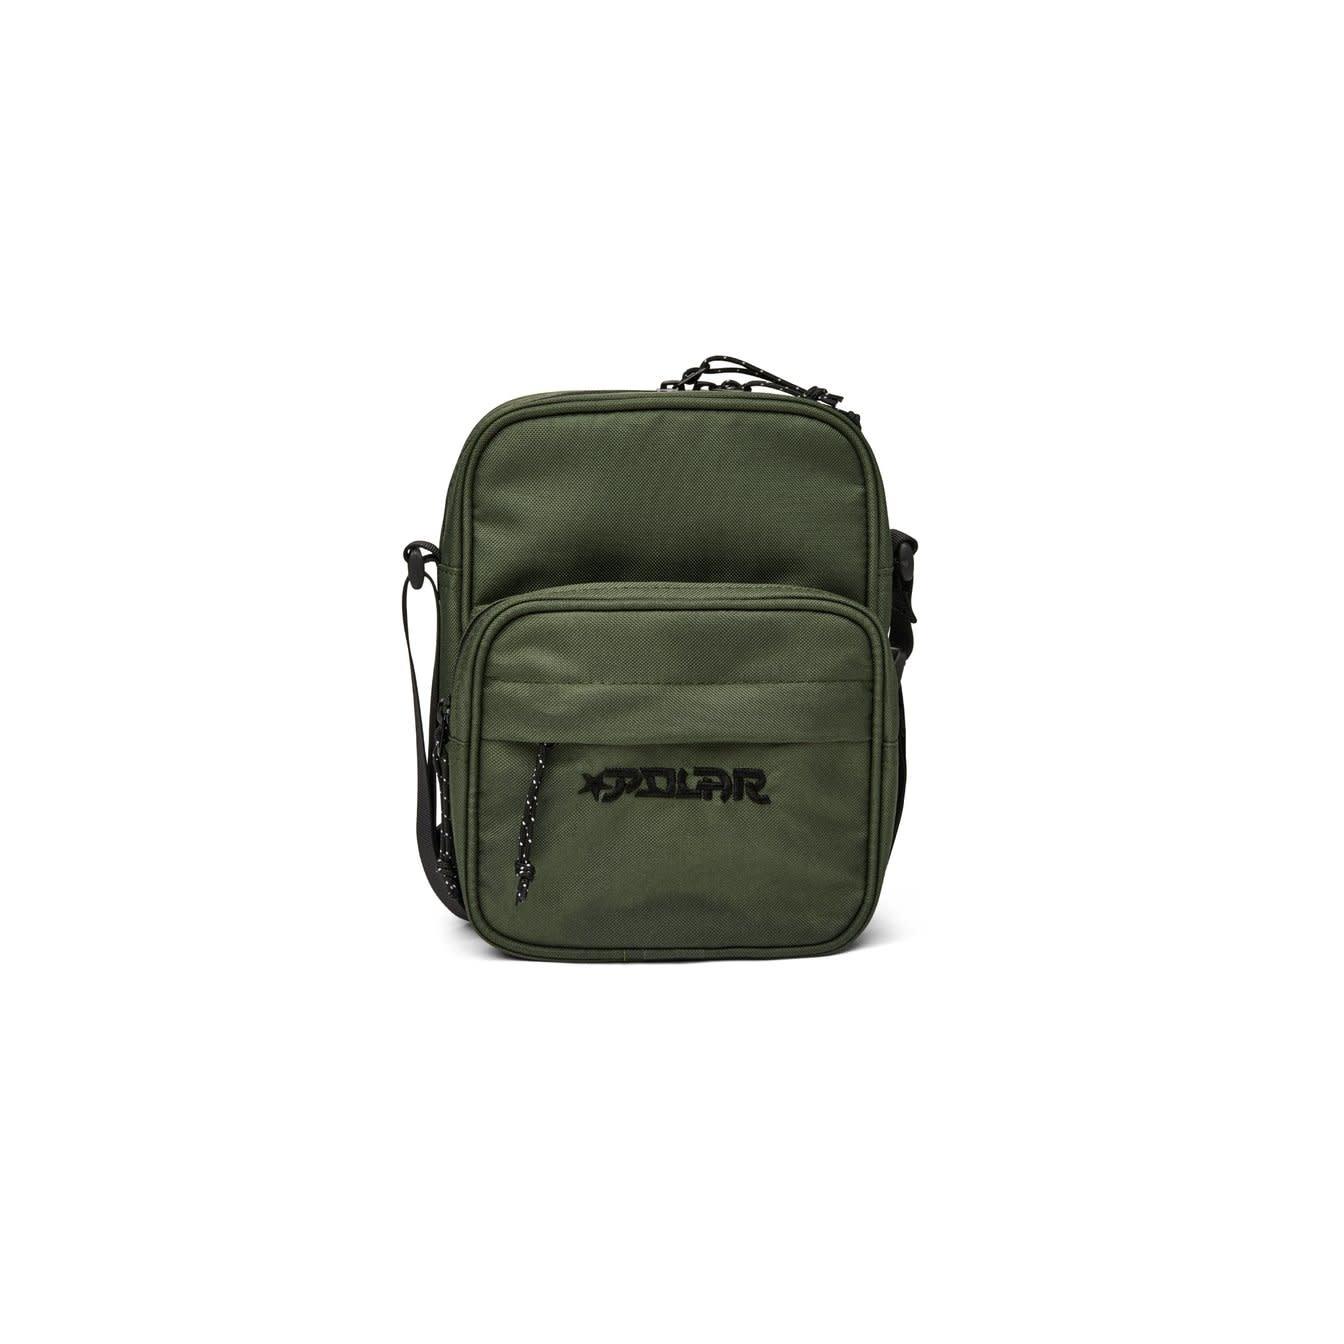 Polar Skate Co. Star Pocket Dealer Bag Olive